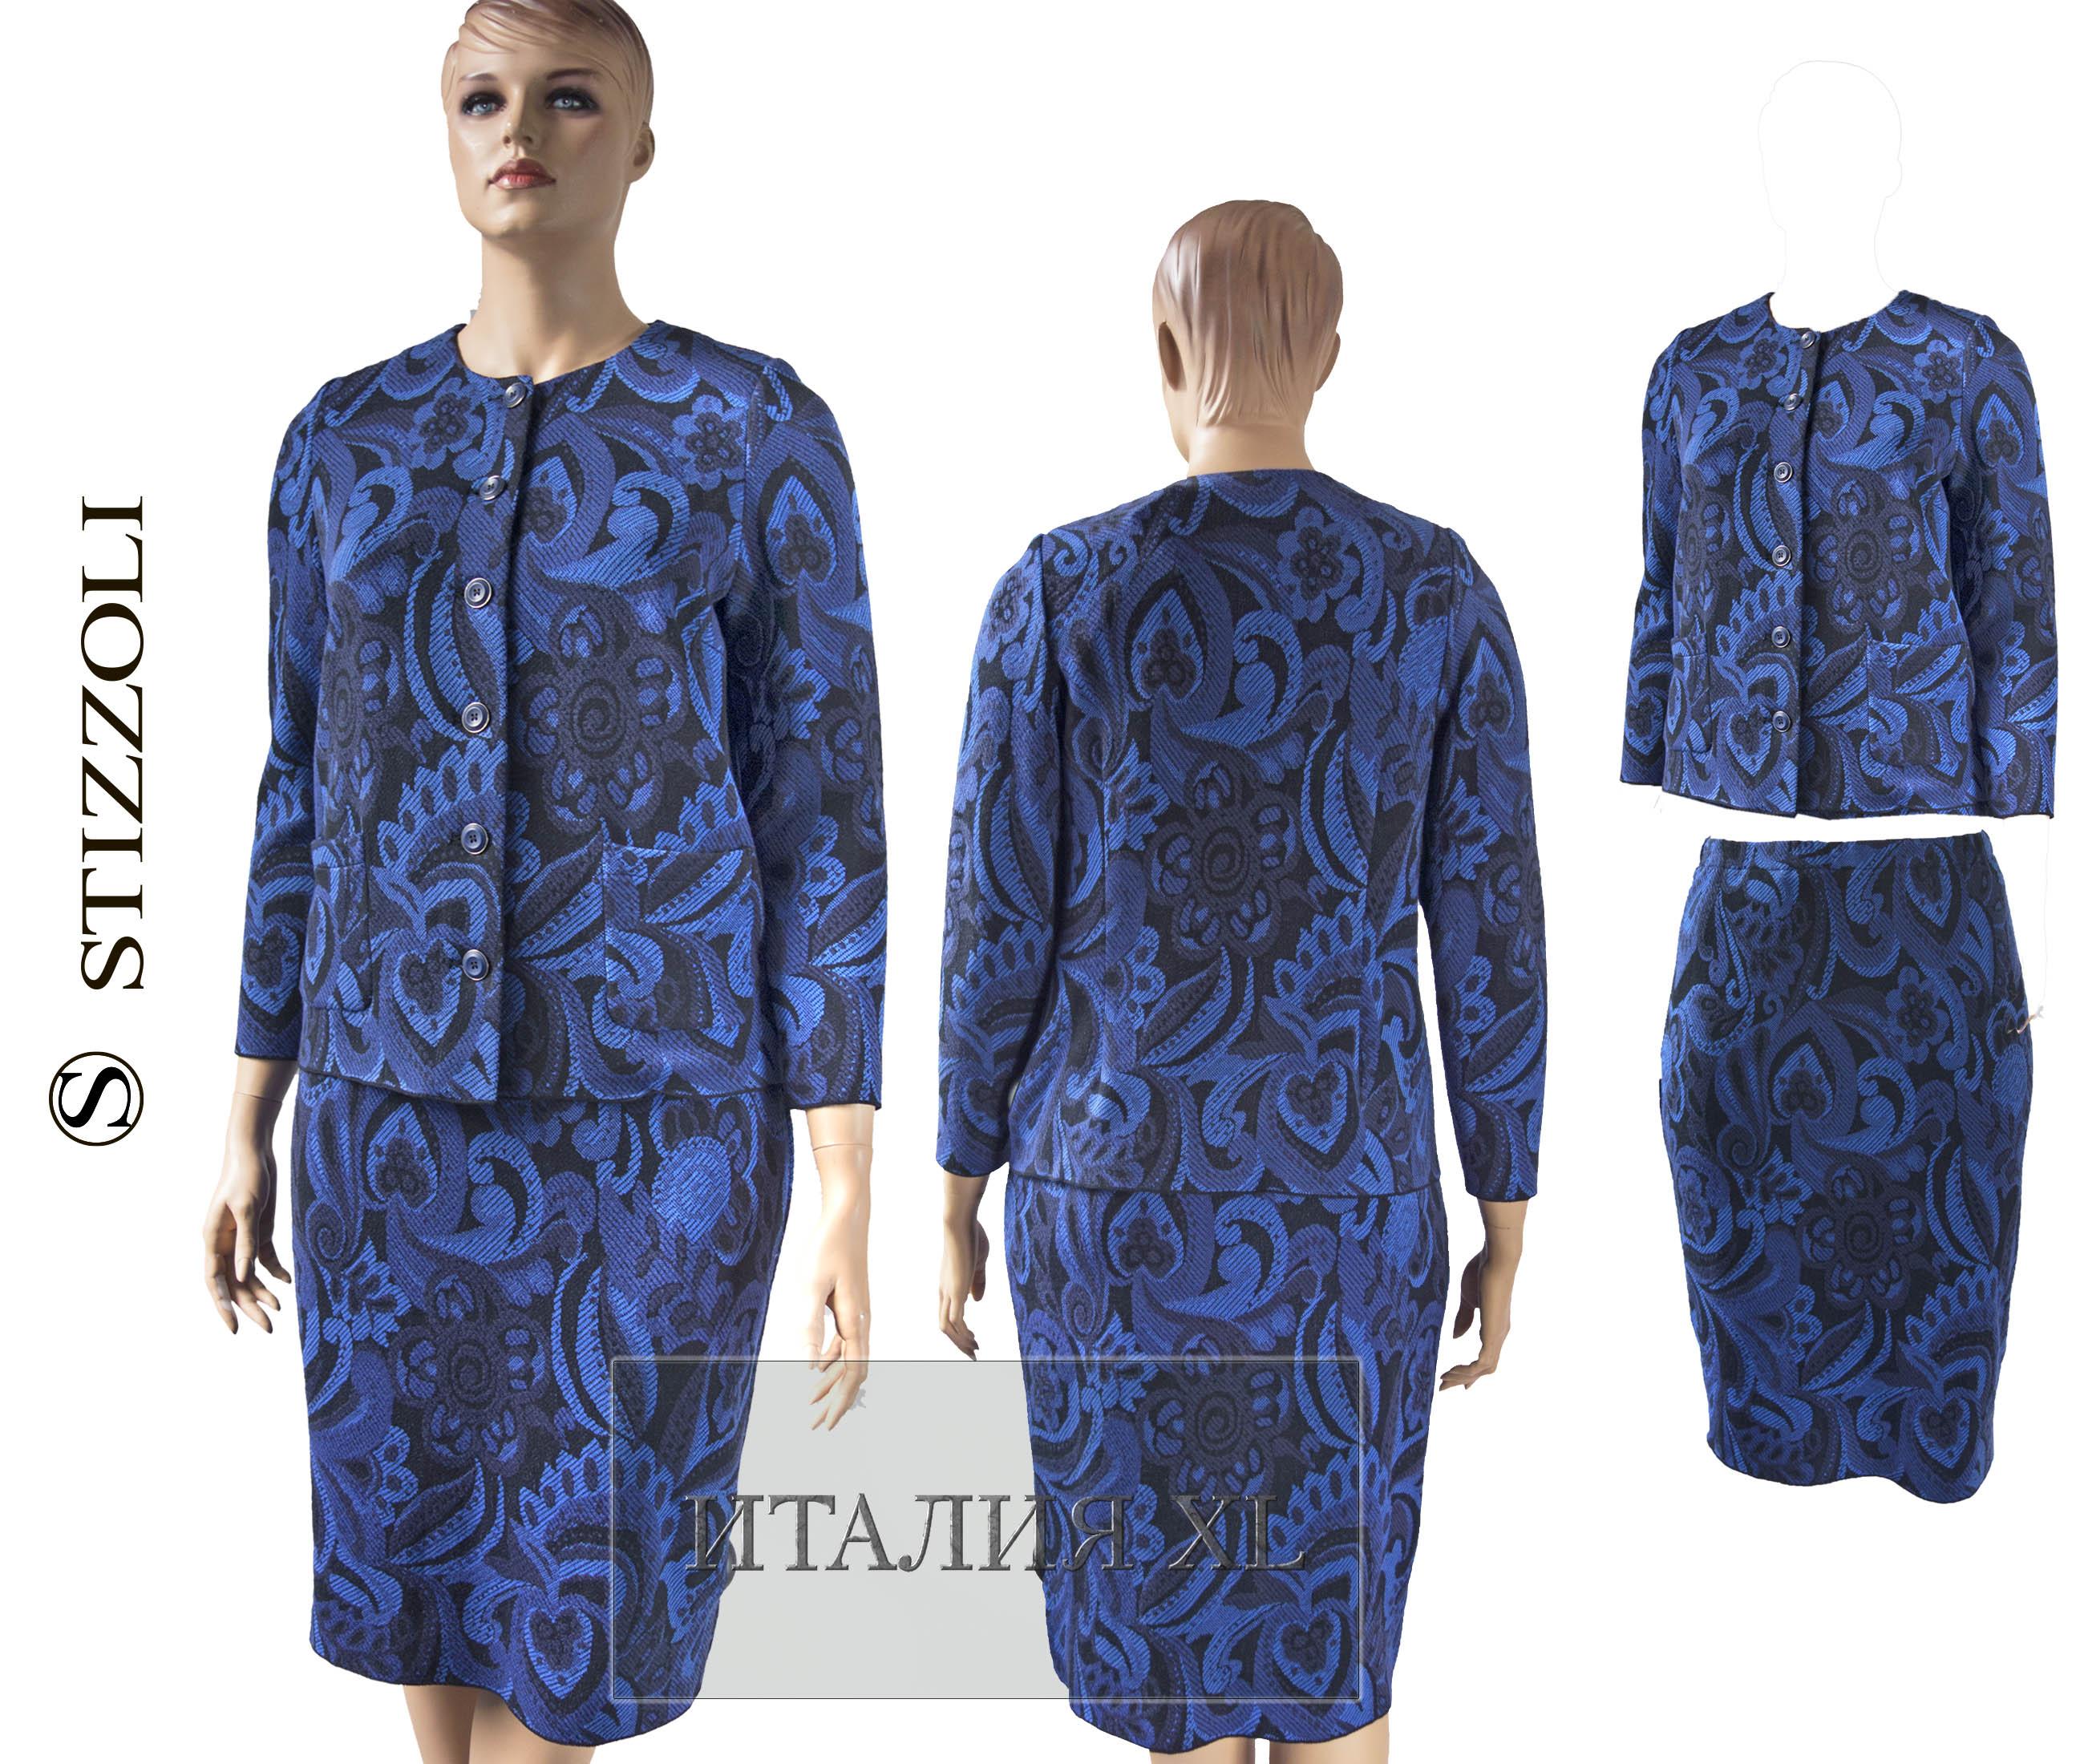 Ивановская швейная фабрика ШиК – женская трикотажная одежда